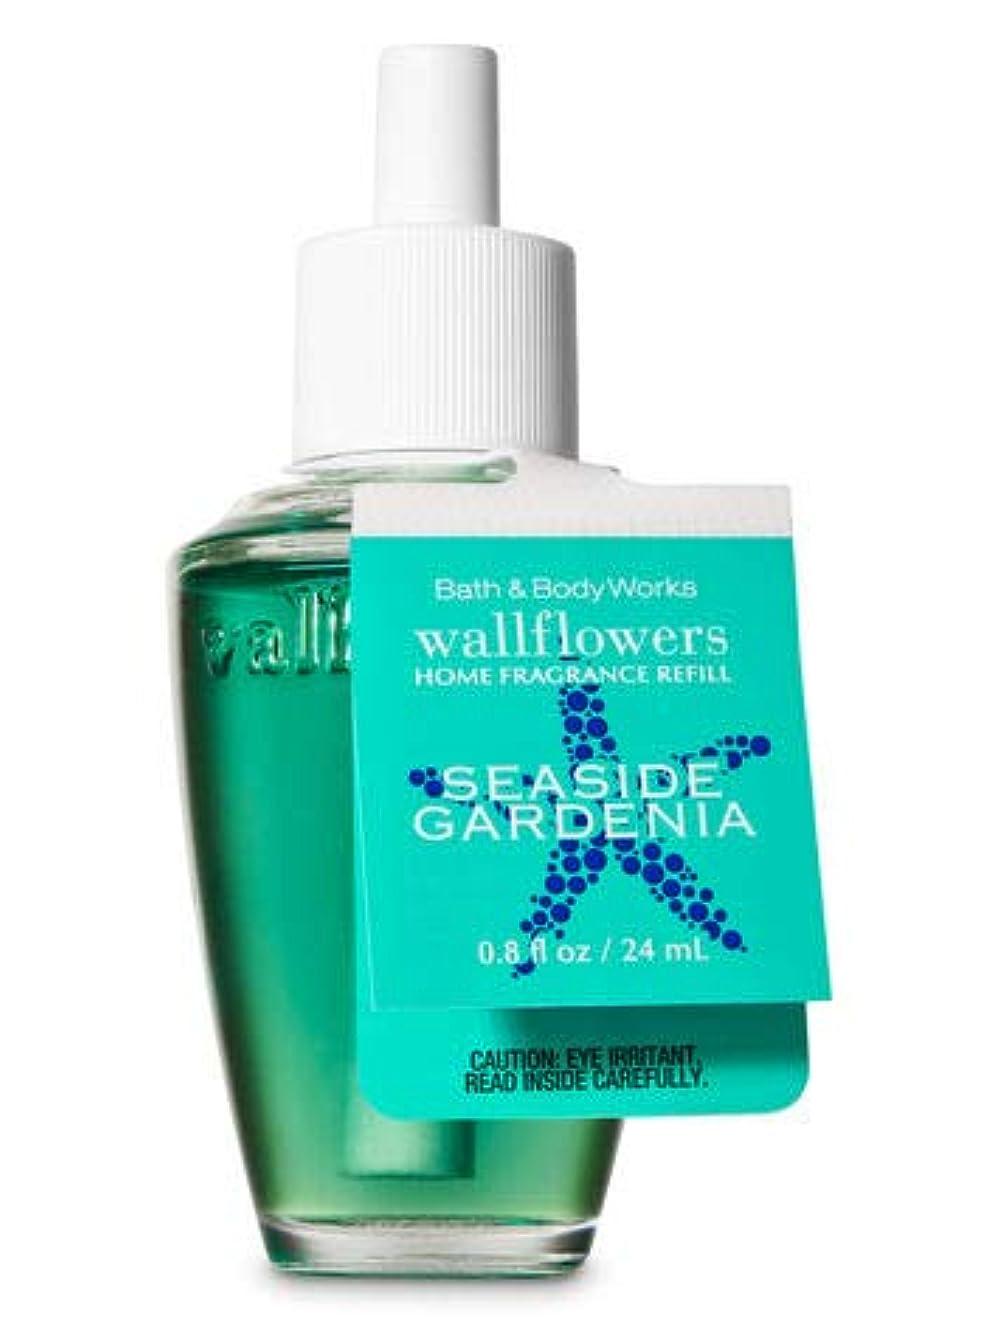 民間顎サーカス【Bath&Body Works/バス&ボディワークス】 ルームフレグランス 詰替えリフィル シーサイドガーデニア Wallflowers Home Fragrance Refill Seaside Gardenia [並行輸入品]